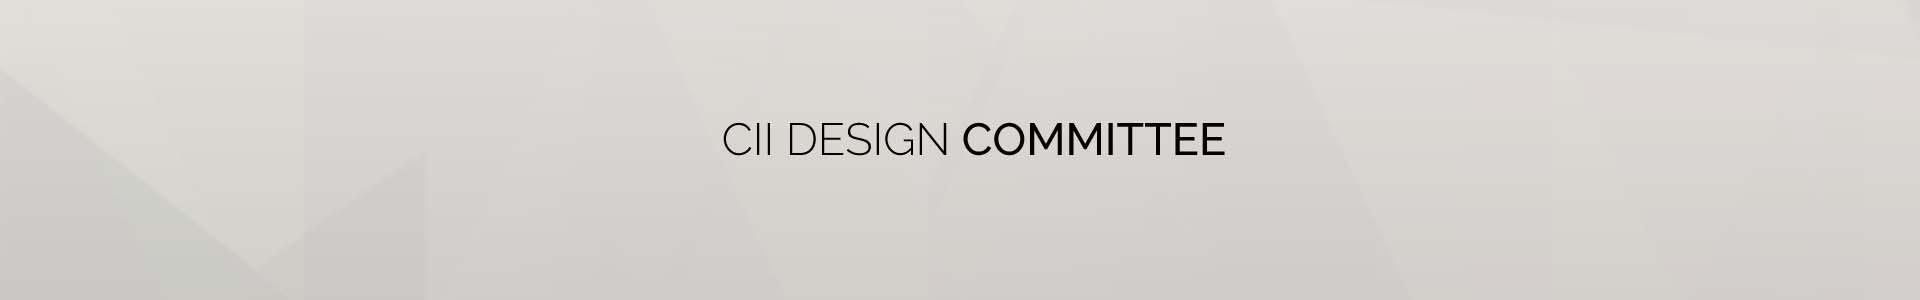 cii-design-committee